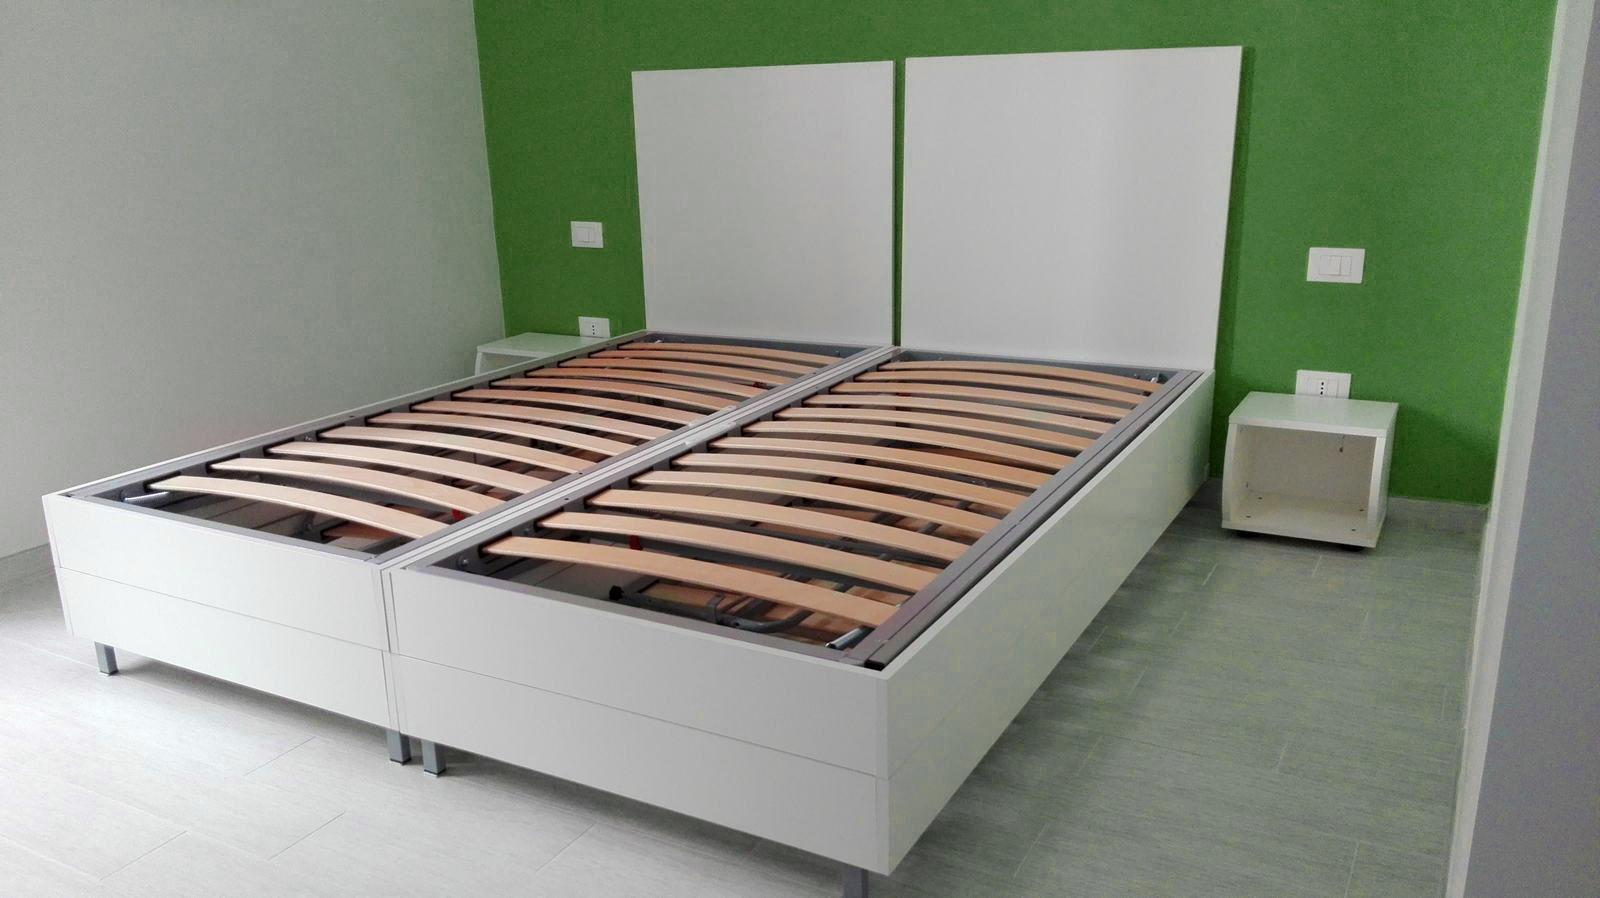 Arredamenti per hotel roma vivilospazio mobili for Gieffe arredamenti roma